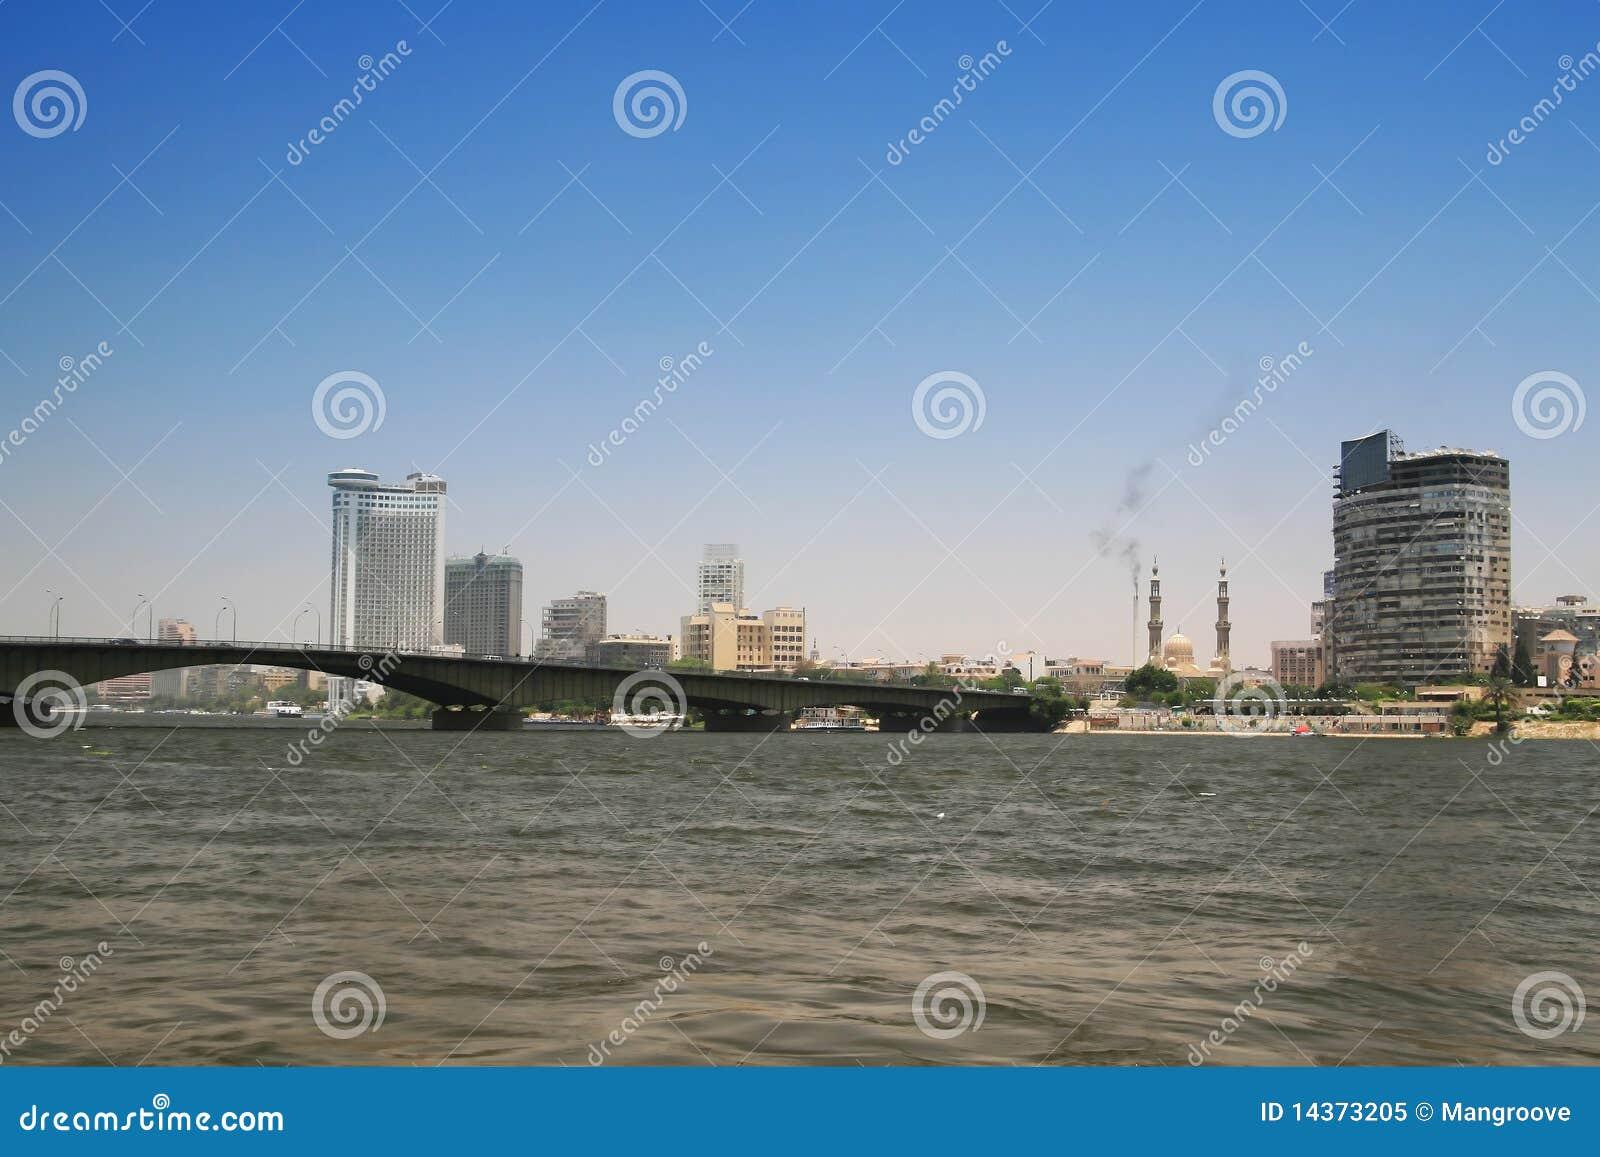 Kairo-Stadt und Fluss Nil